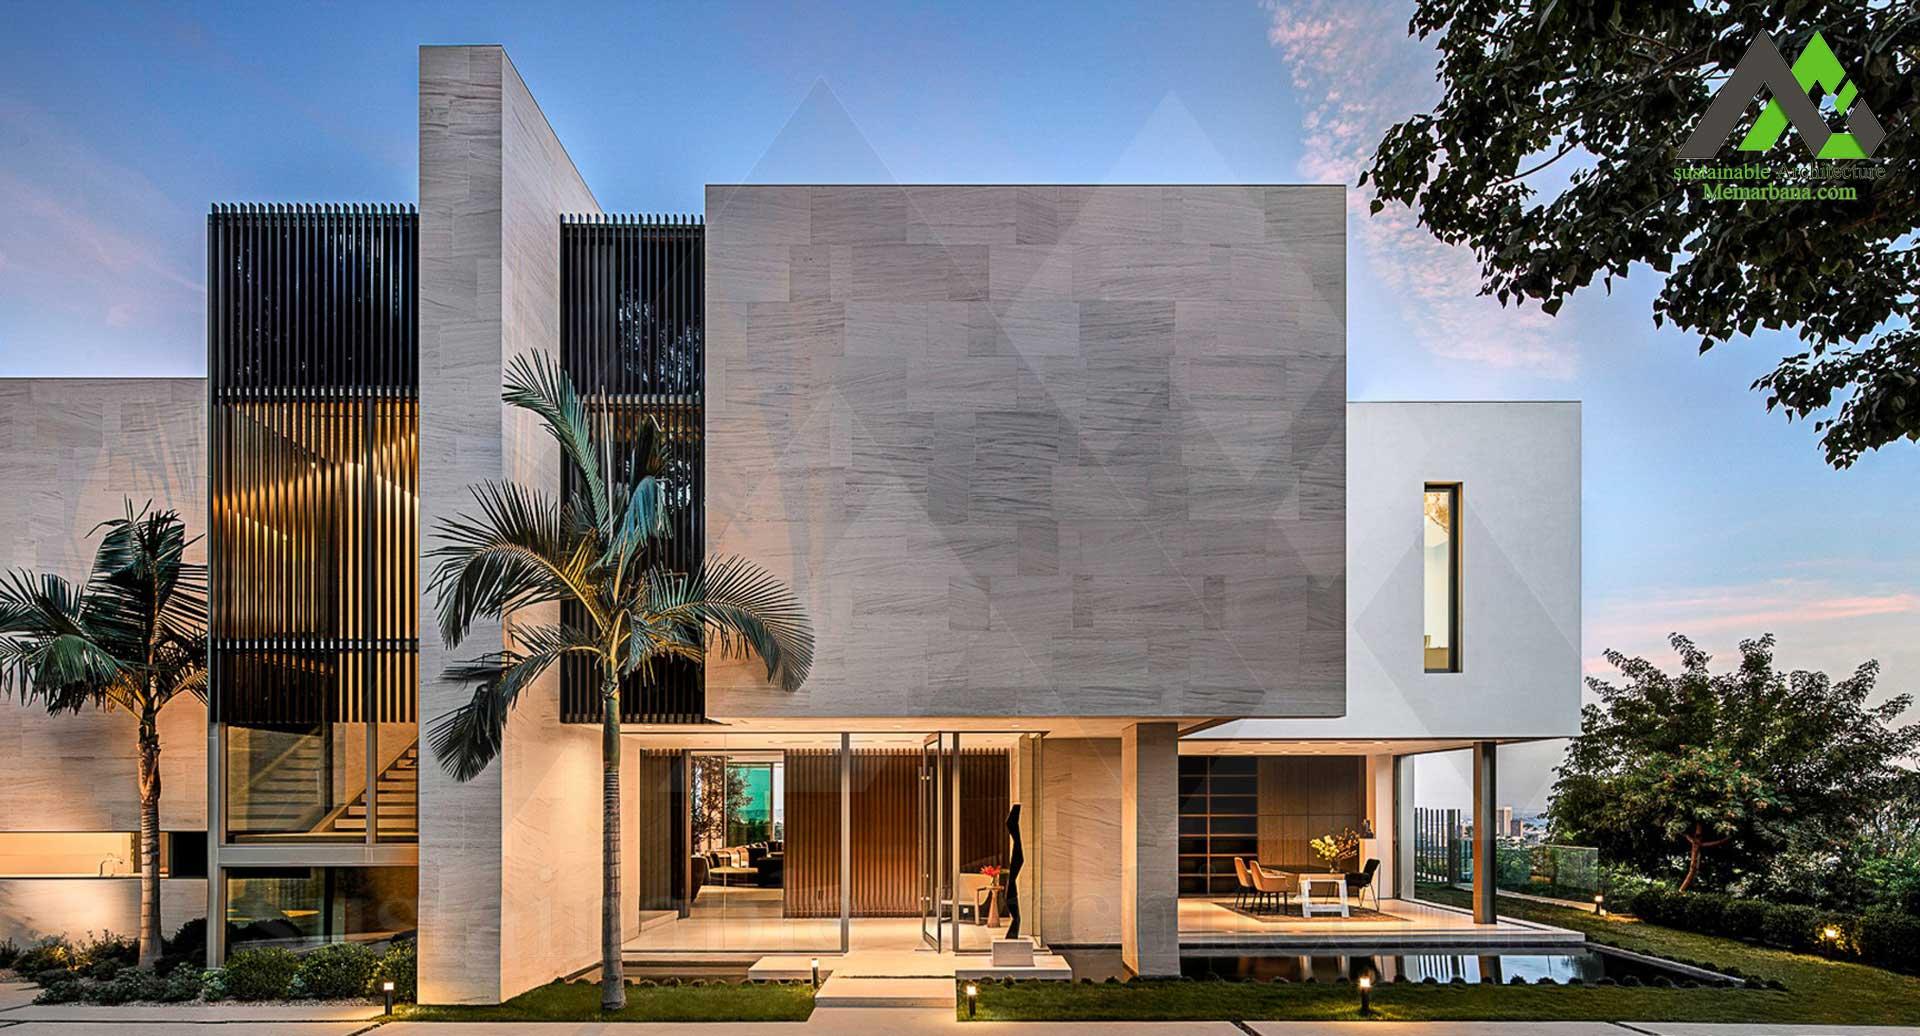 طراحی پلان خانه ویلایی مدرن